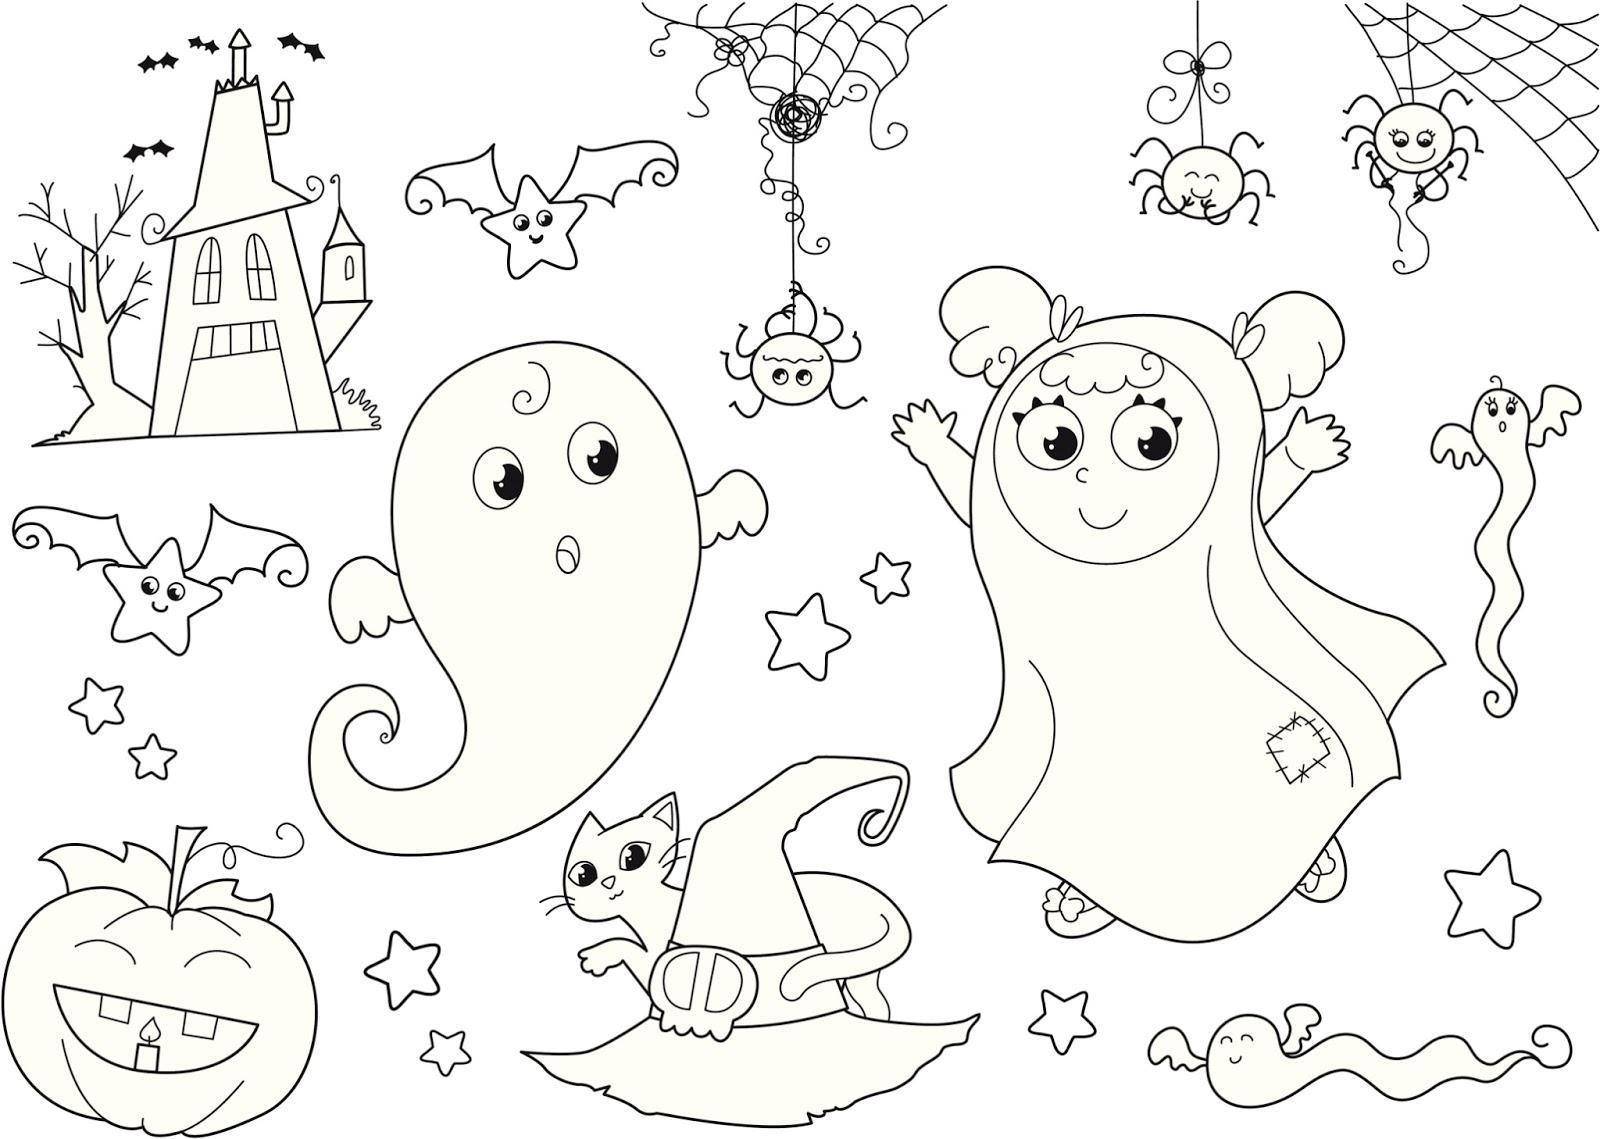 Arañas De Halloween Para Colorear: Banco De Imagenes Y Fotos Gratis: Dibujos De Halloween